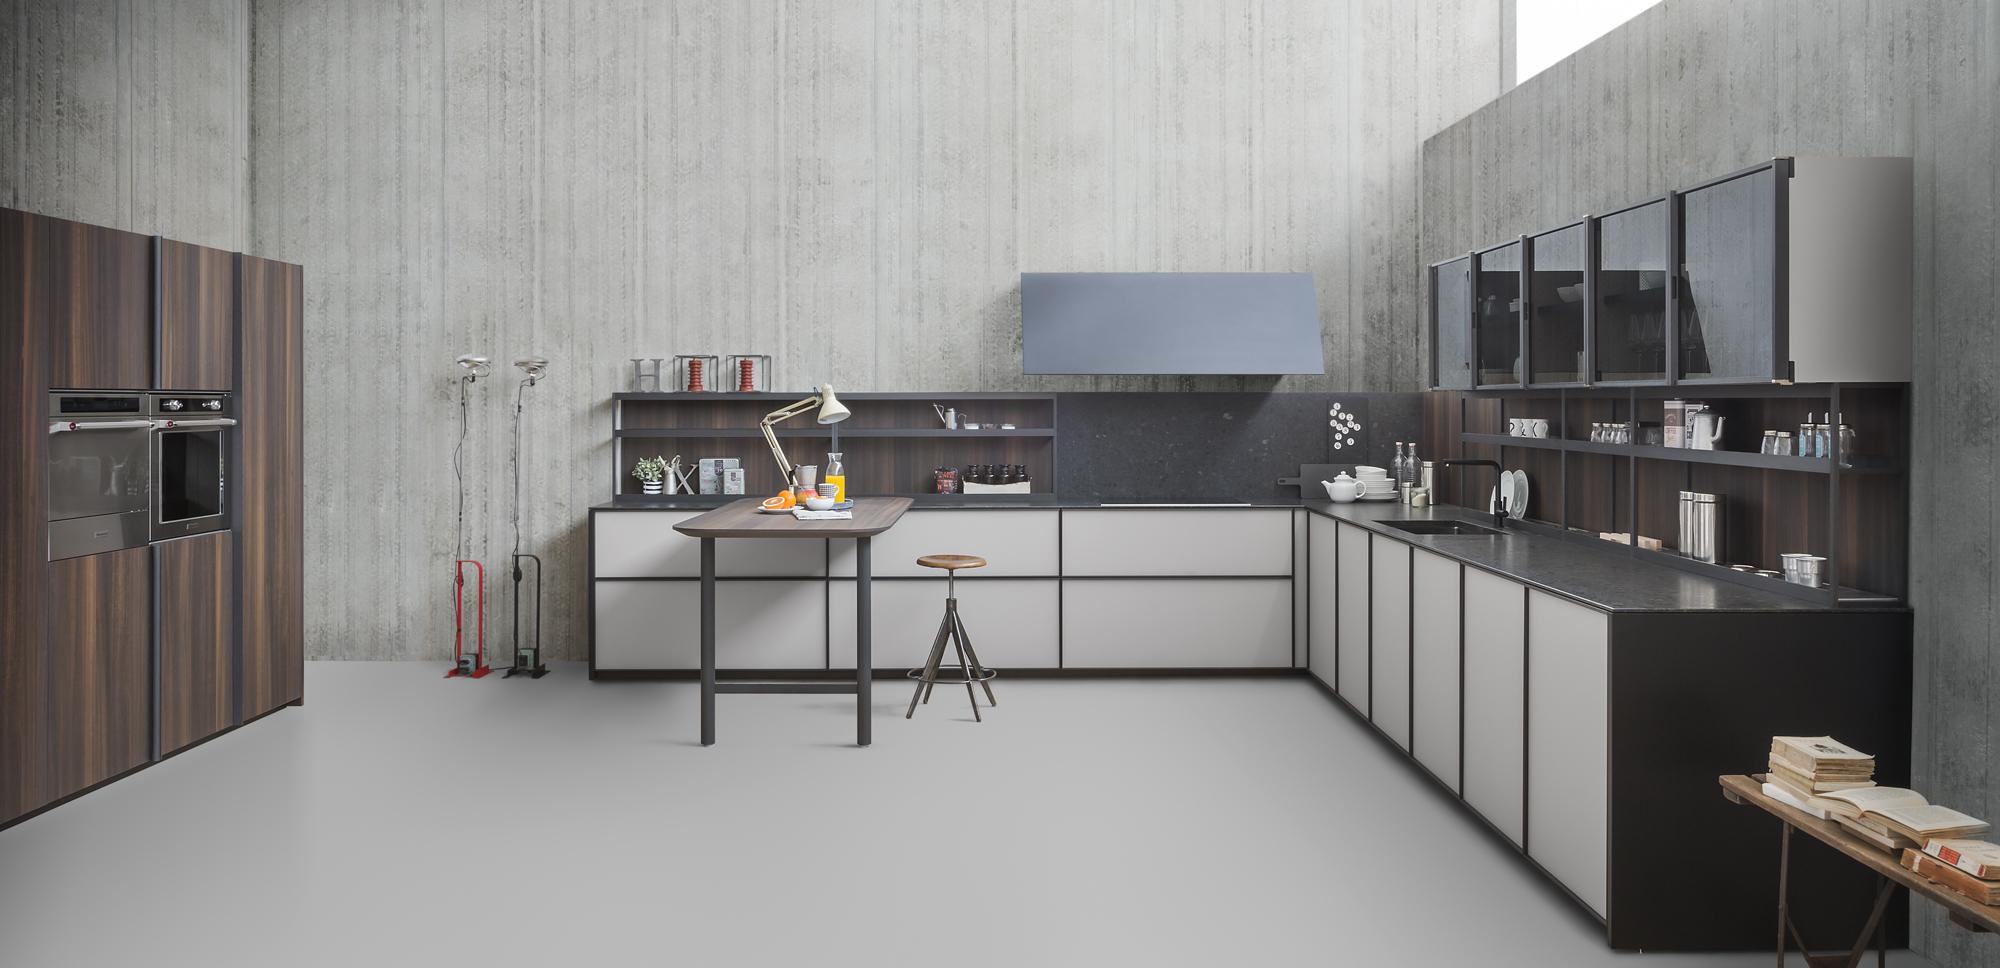 Punto arredo progettazione e realizzazione d 39 interni - Zampieri cucine showroom ...